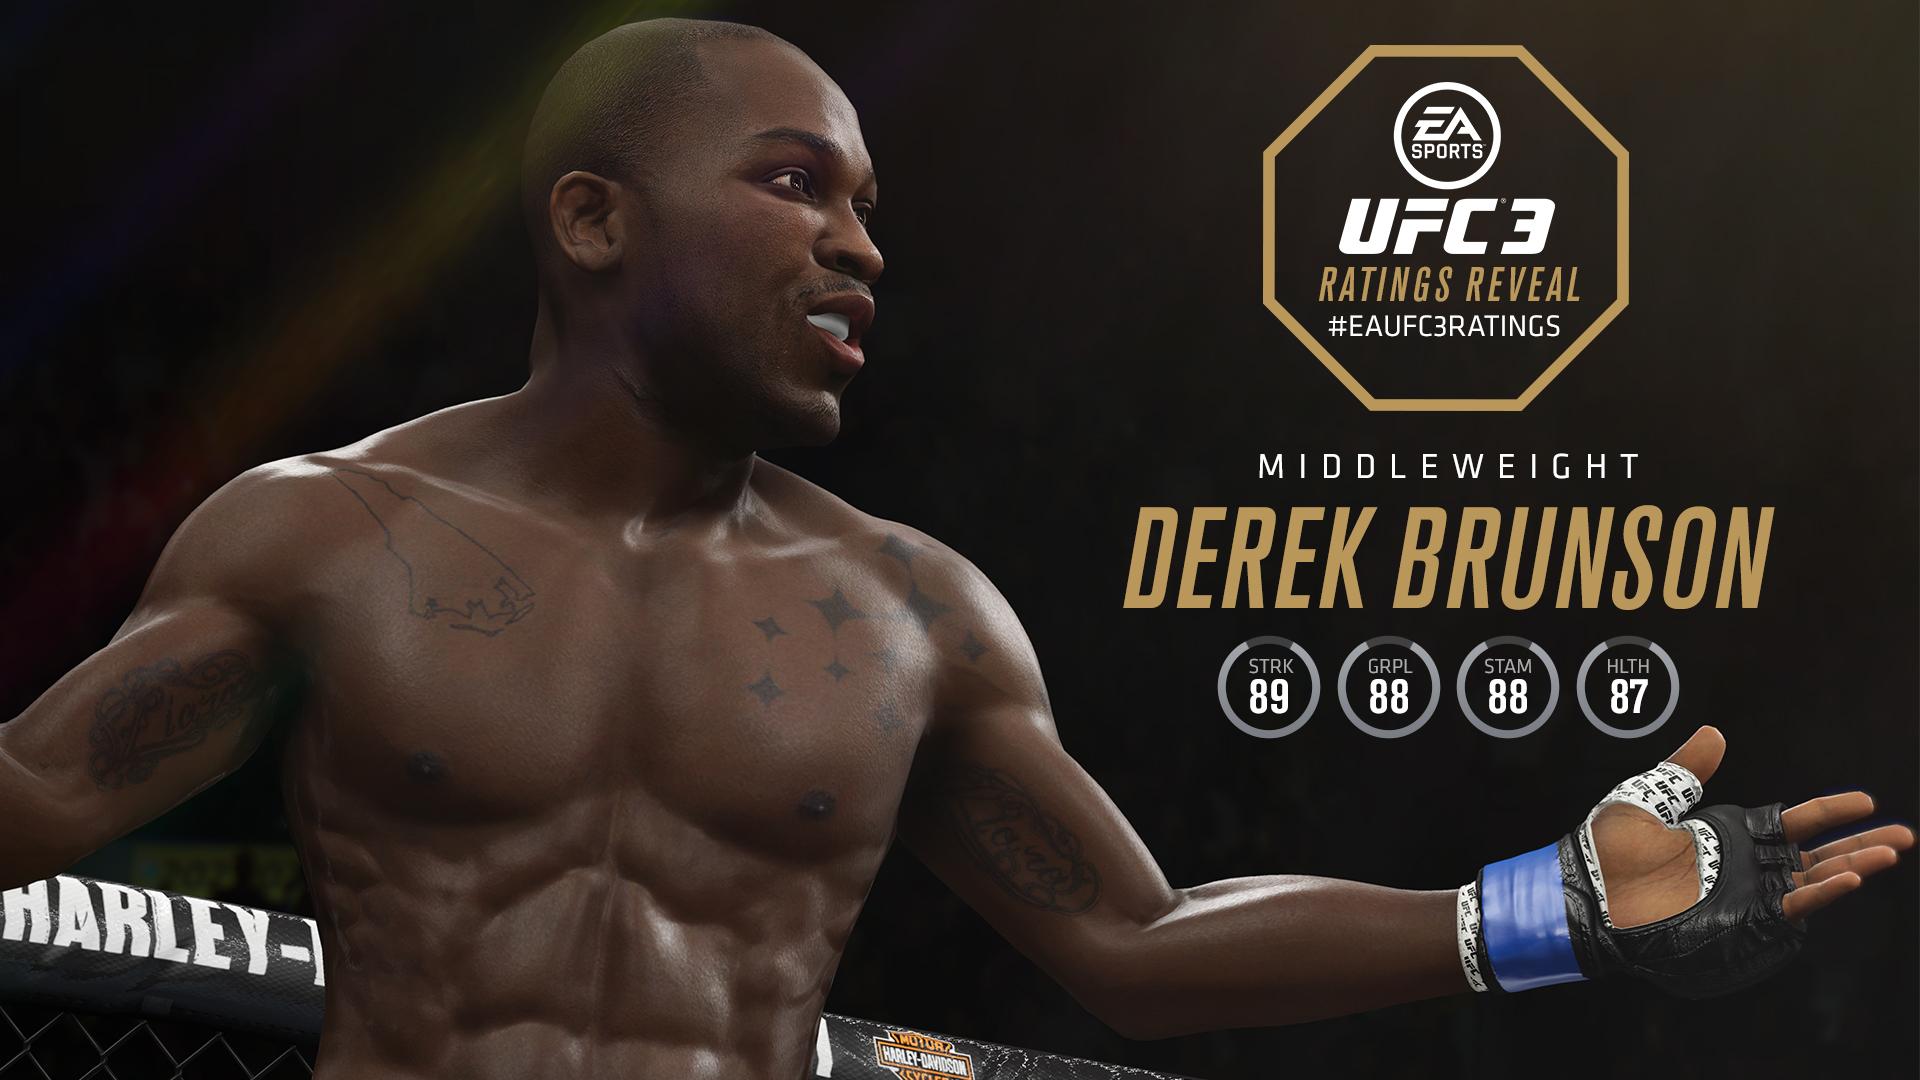 DerekBrunson_Middleweight_1920x1080